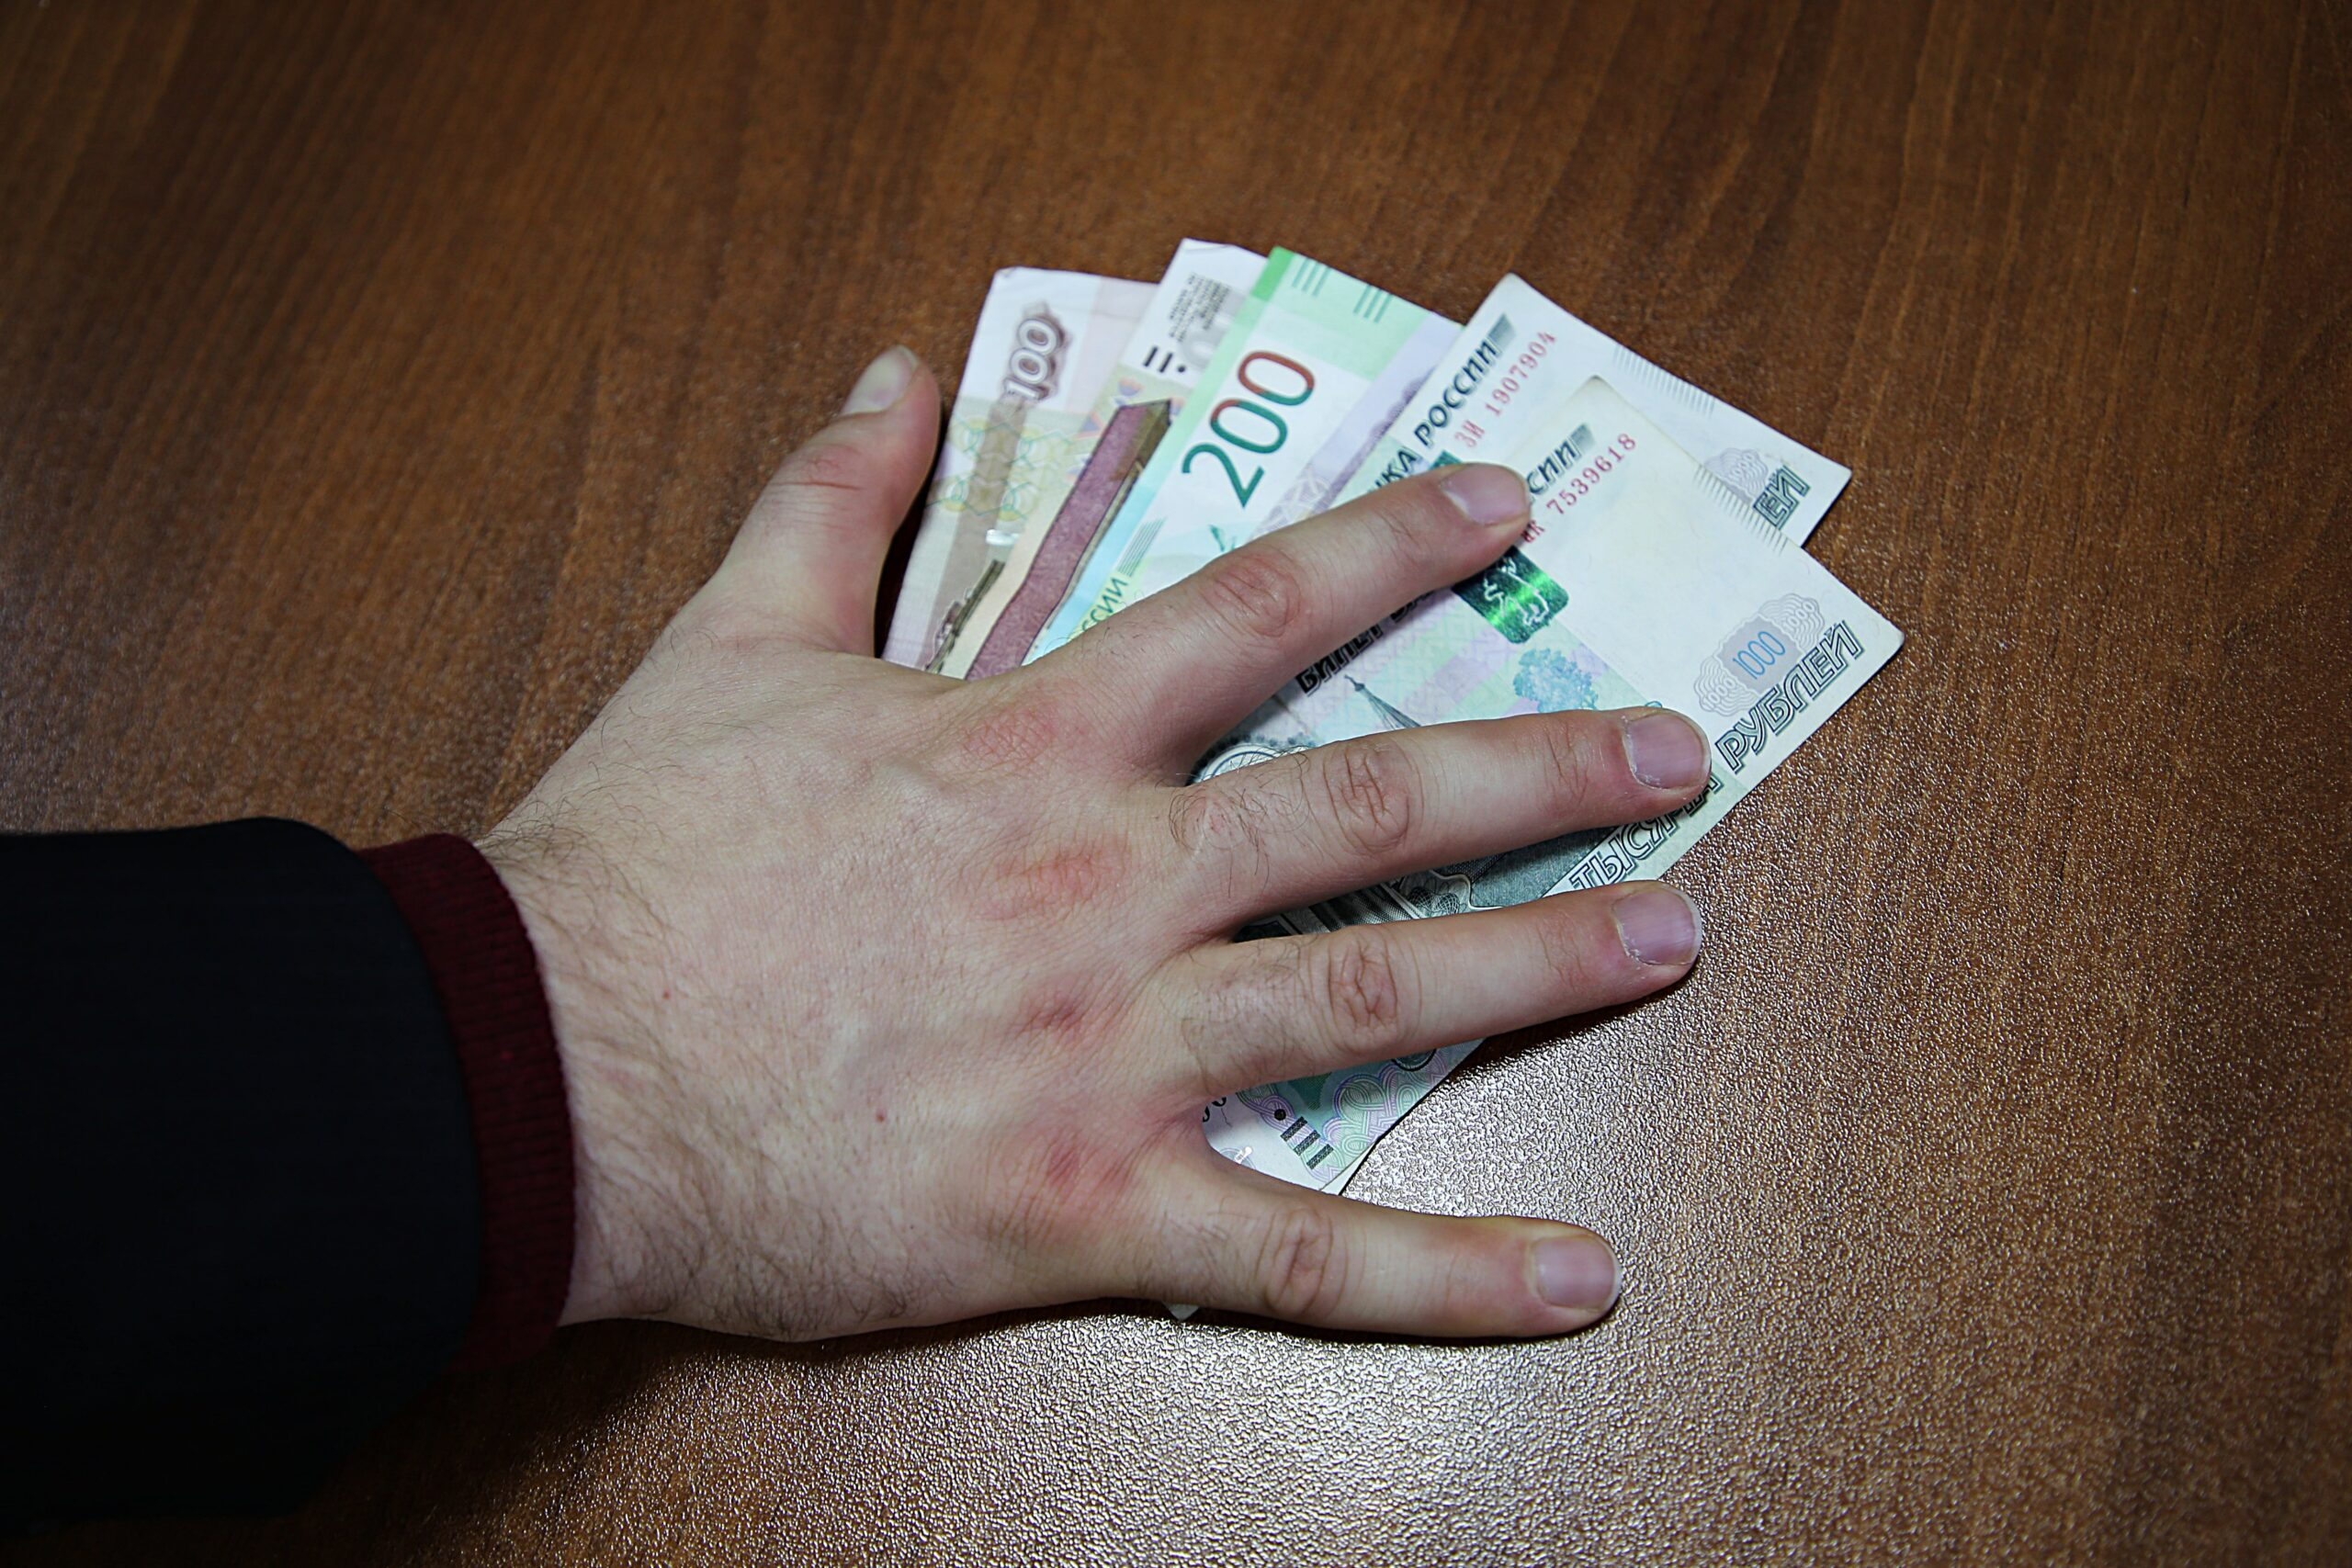 За сутки жители Тверской области отдали мошенникам почти 4 миллиона рублей